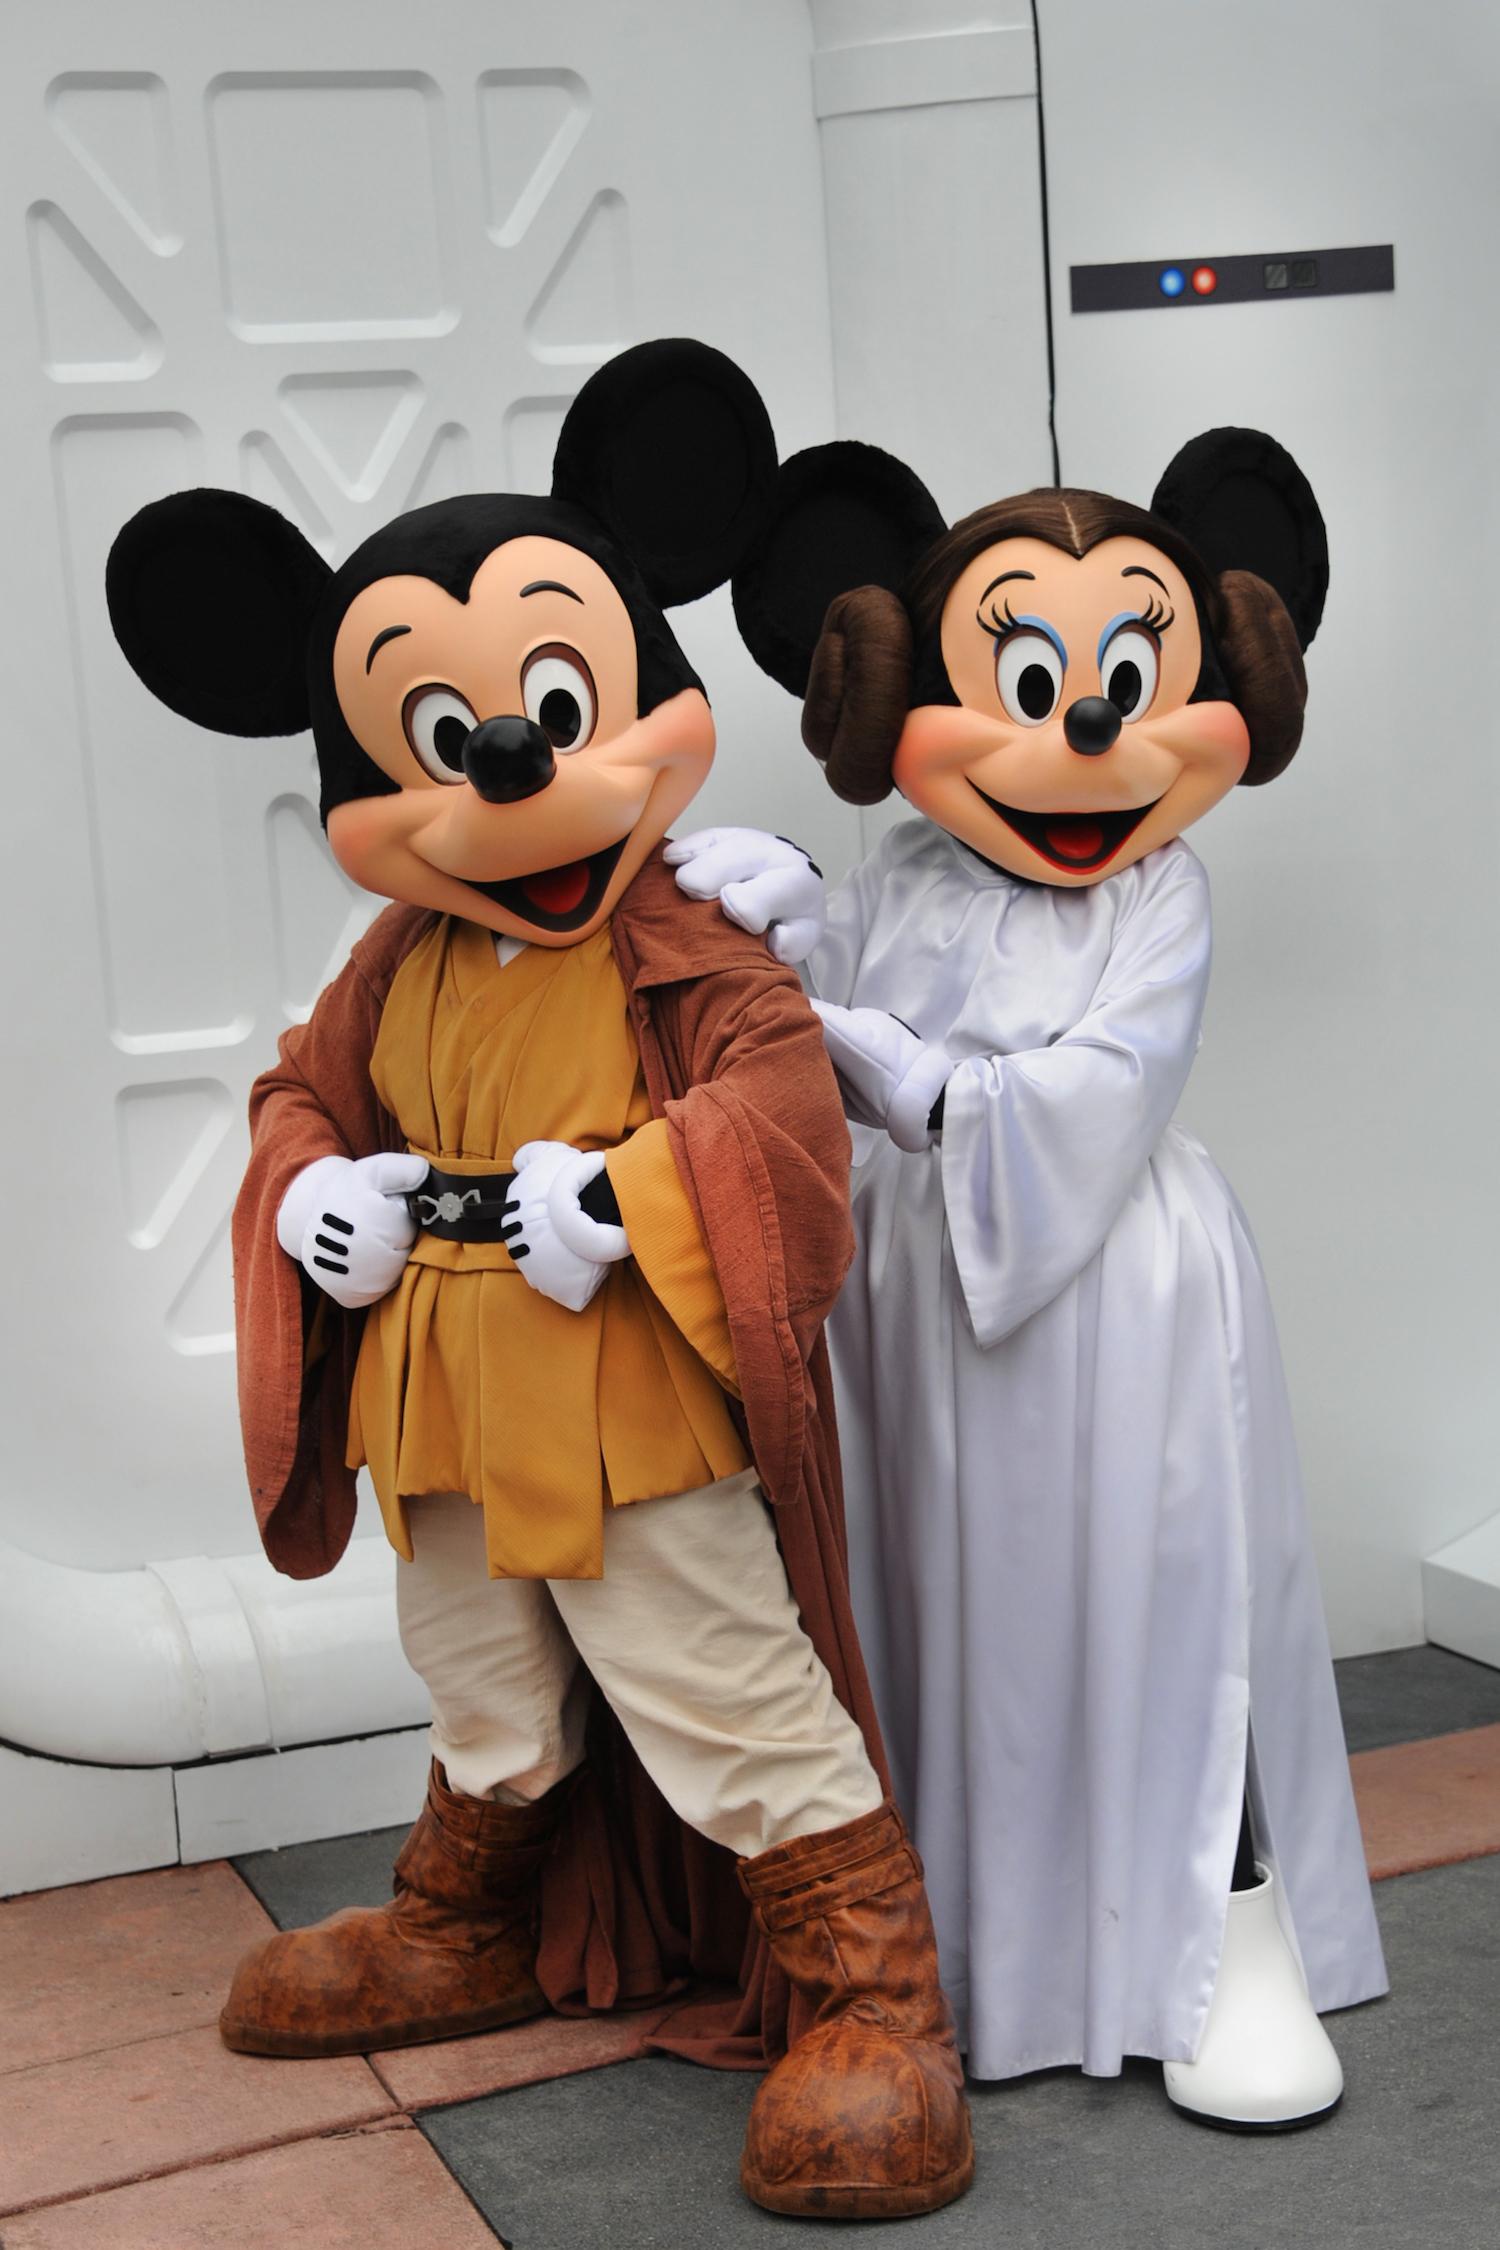 『スター・ウォーズ』の世界に飛び込もう! フロリダ ウォルト・ディズニー・ワールド・リゾートで期間限定イベント開催!_2